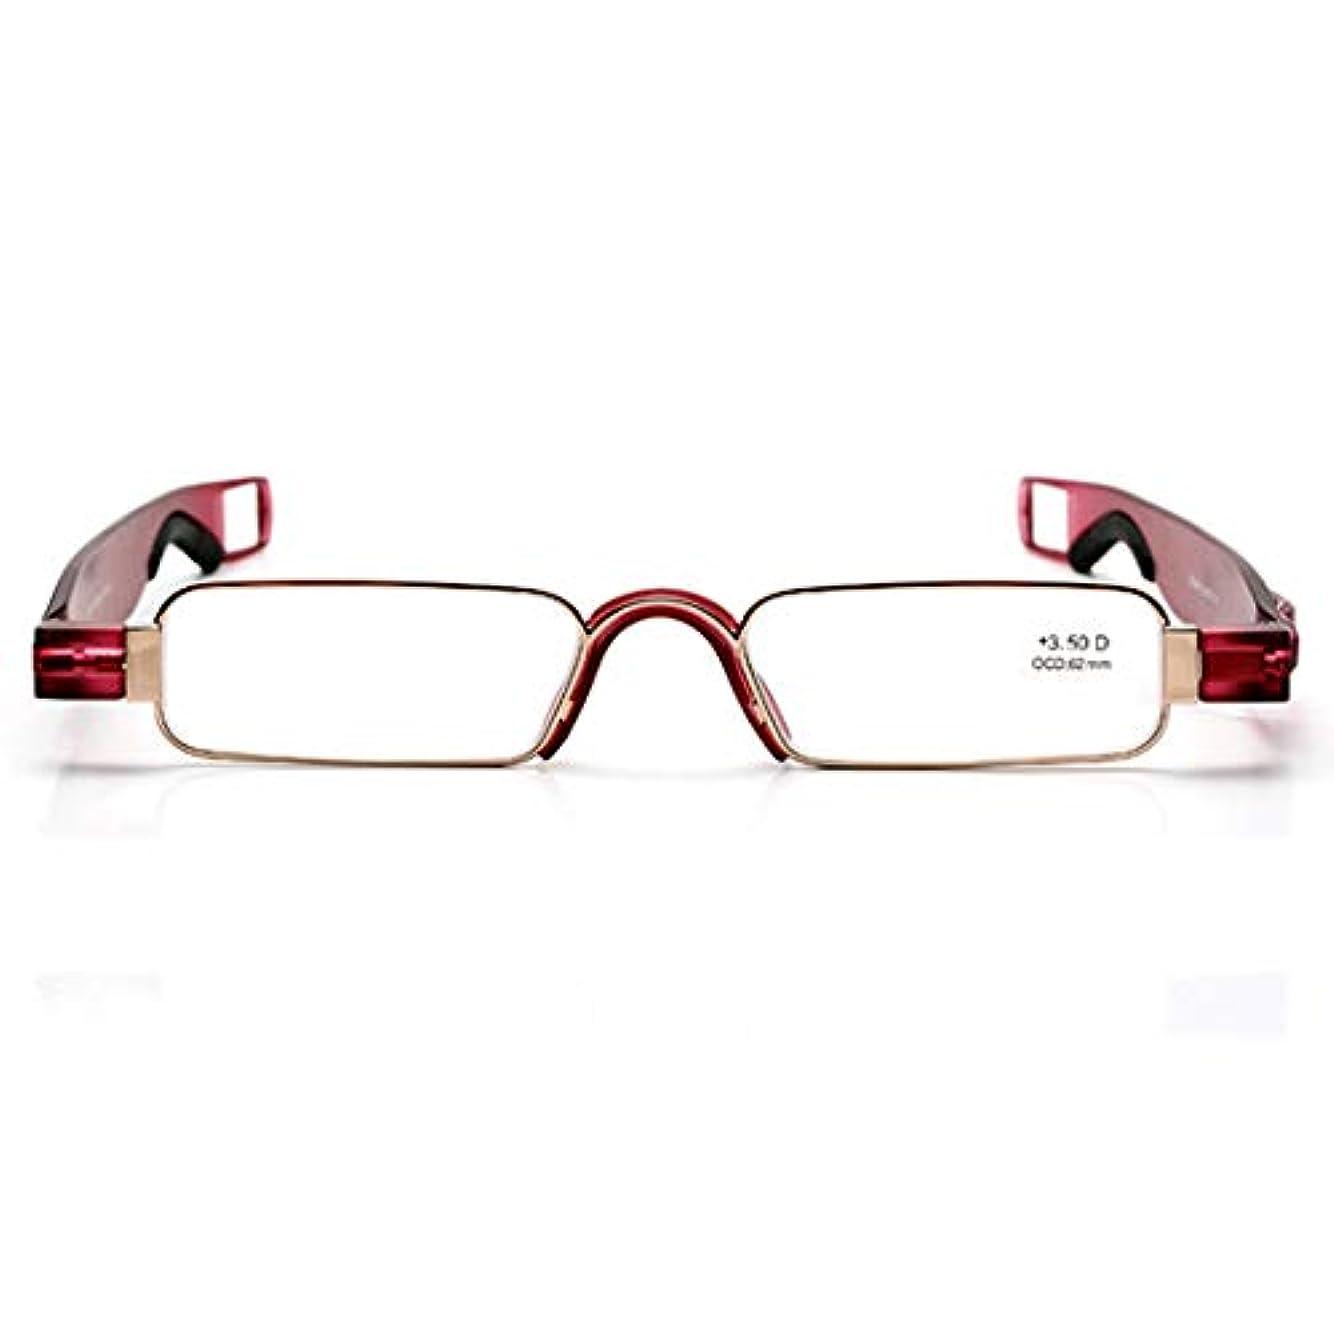 エジプト水分引き金折りたたみ老眼鏡、360 Hd春ヒンジファッション、男性と女性に適した様々な色